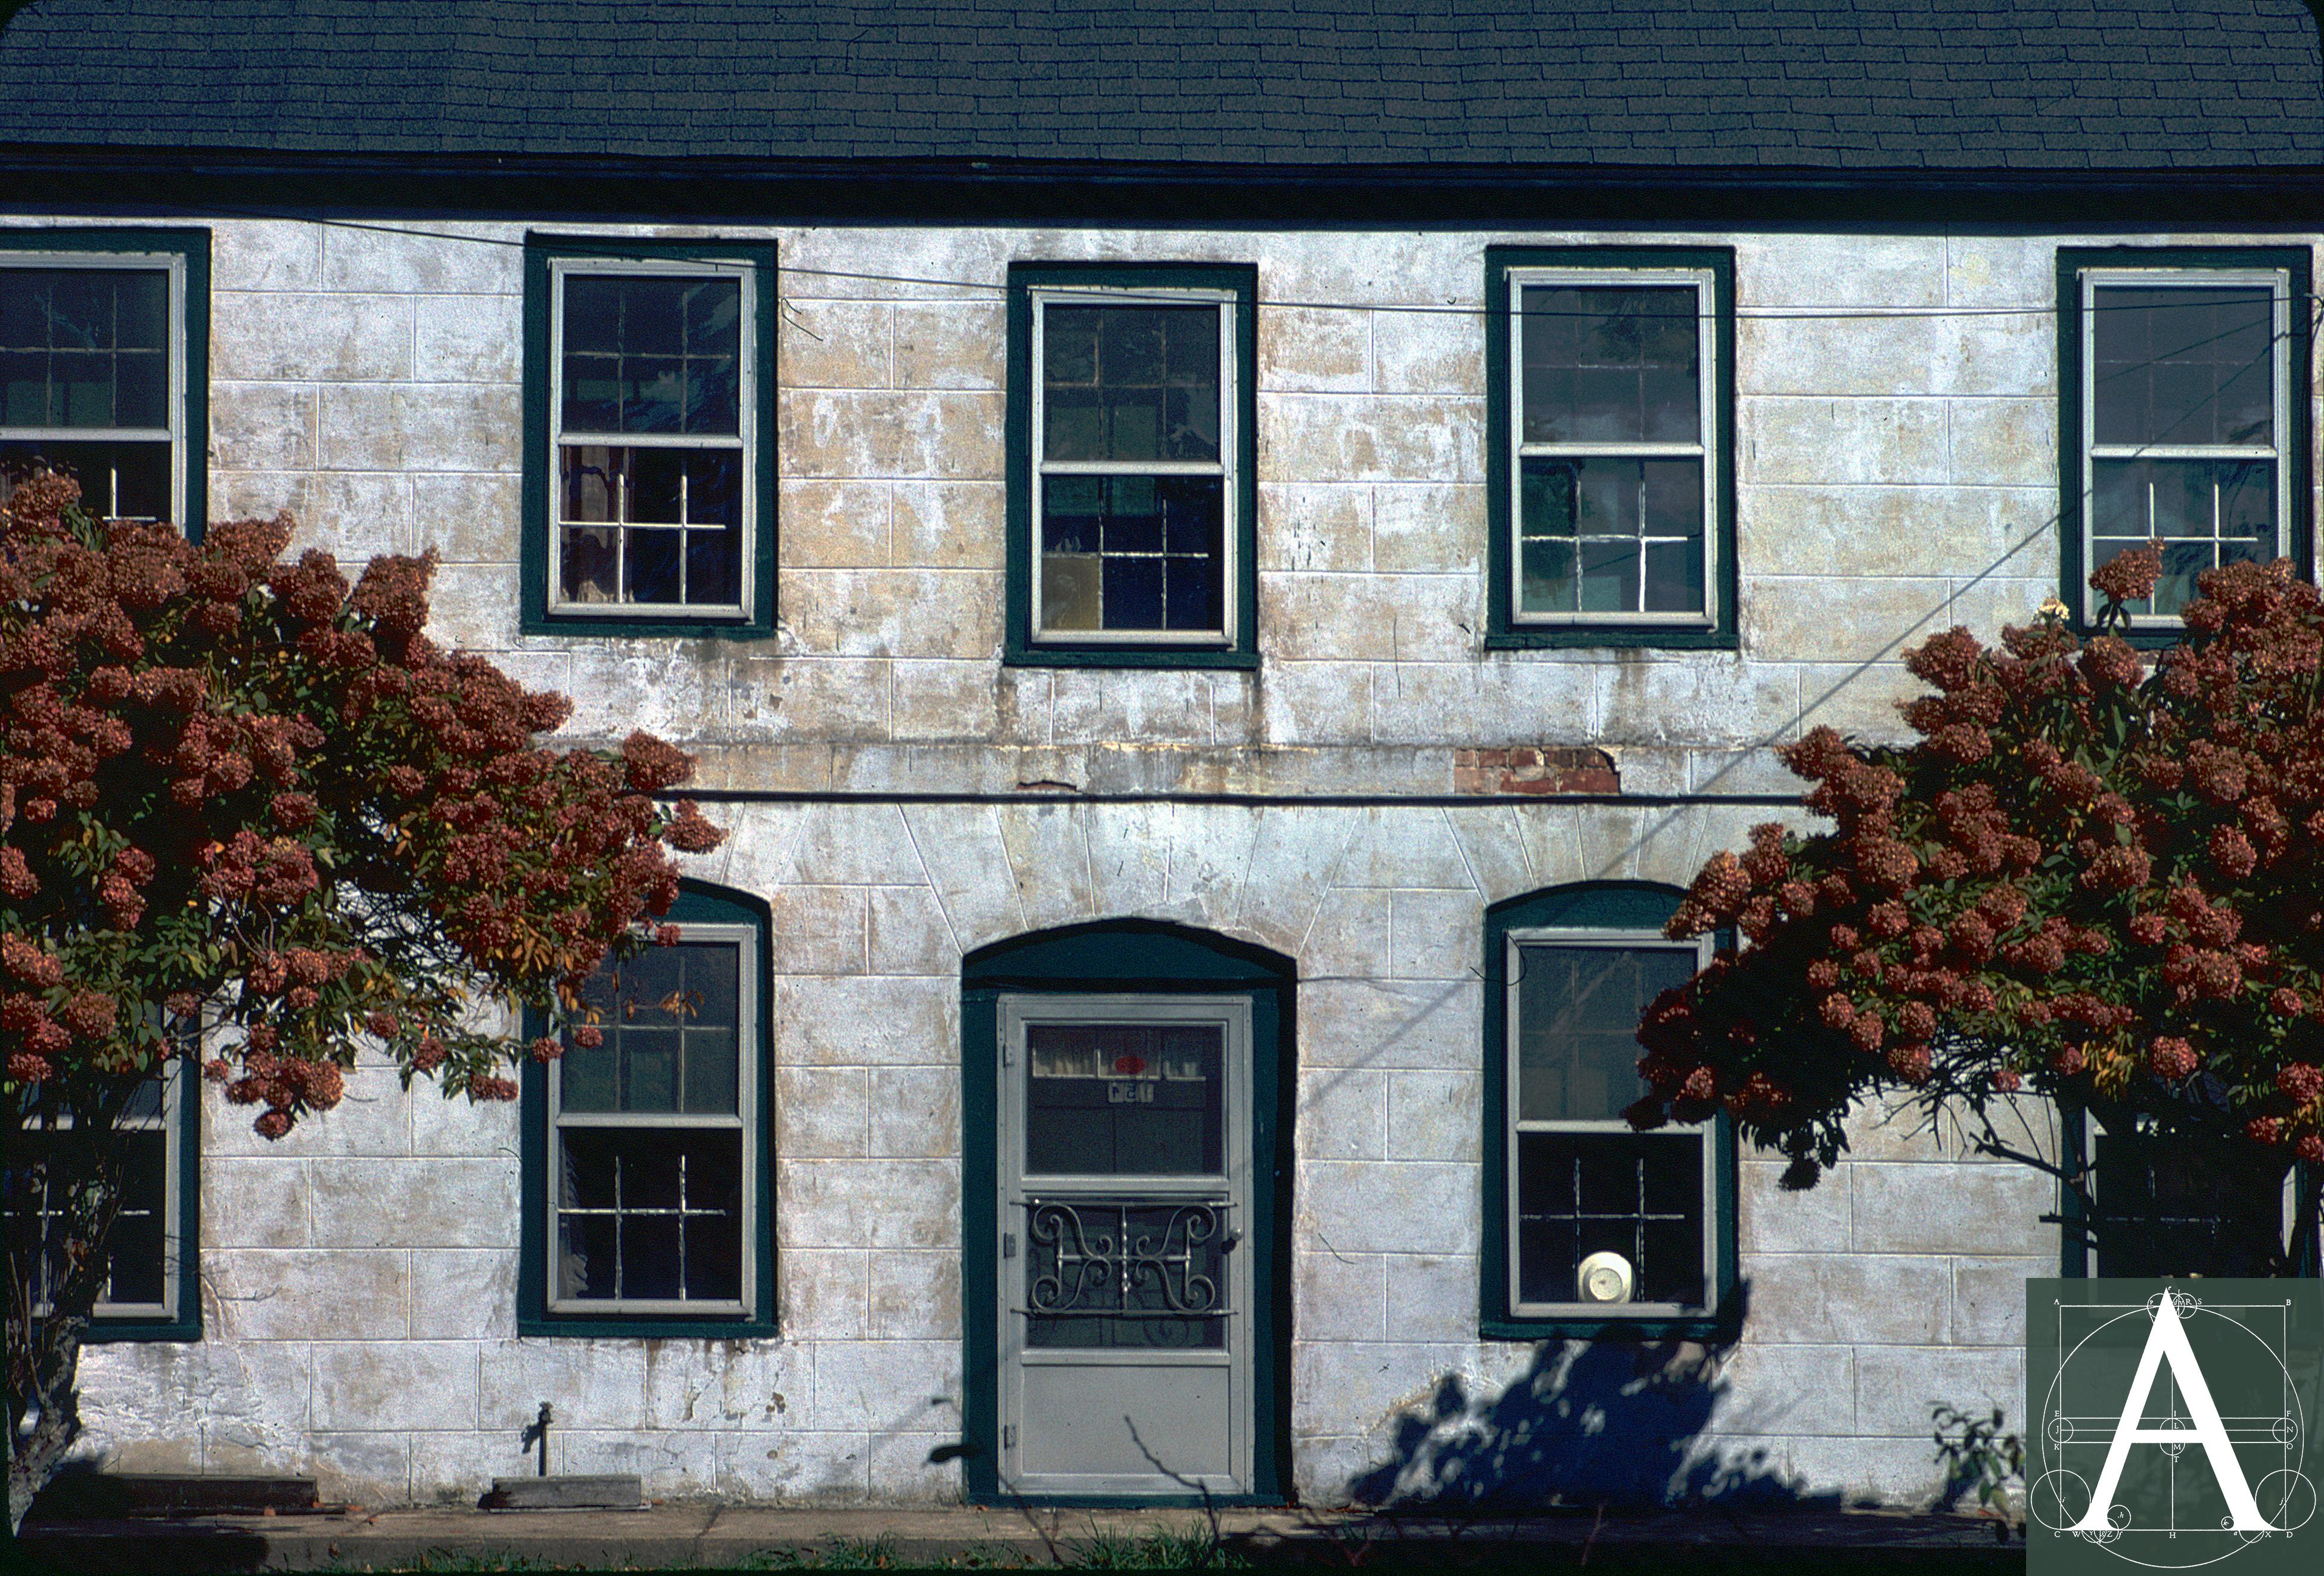 3 MA W Newbury - 154 Main St - facade detail 1980